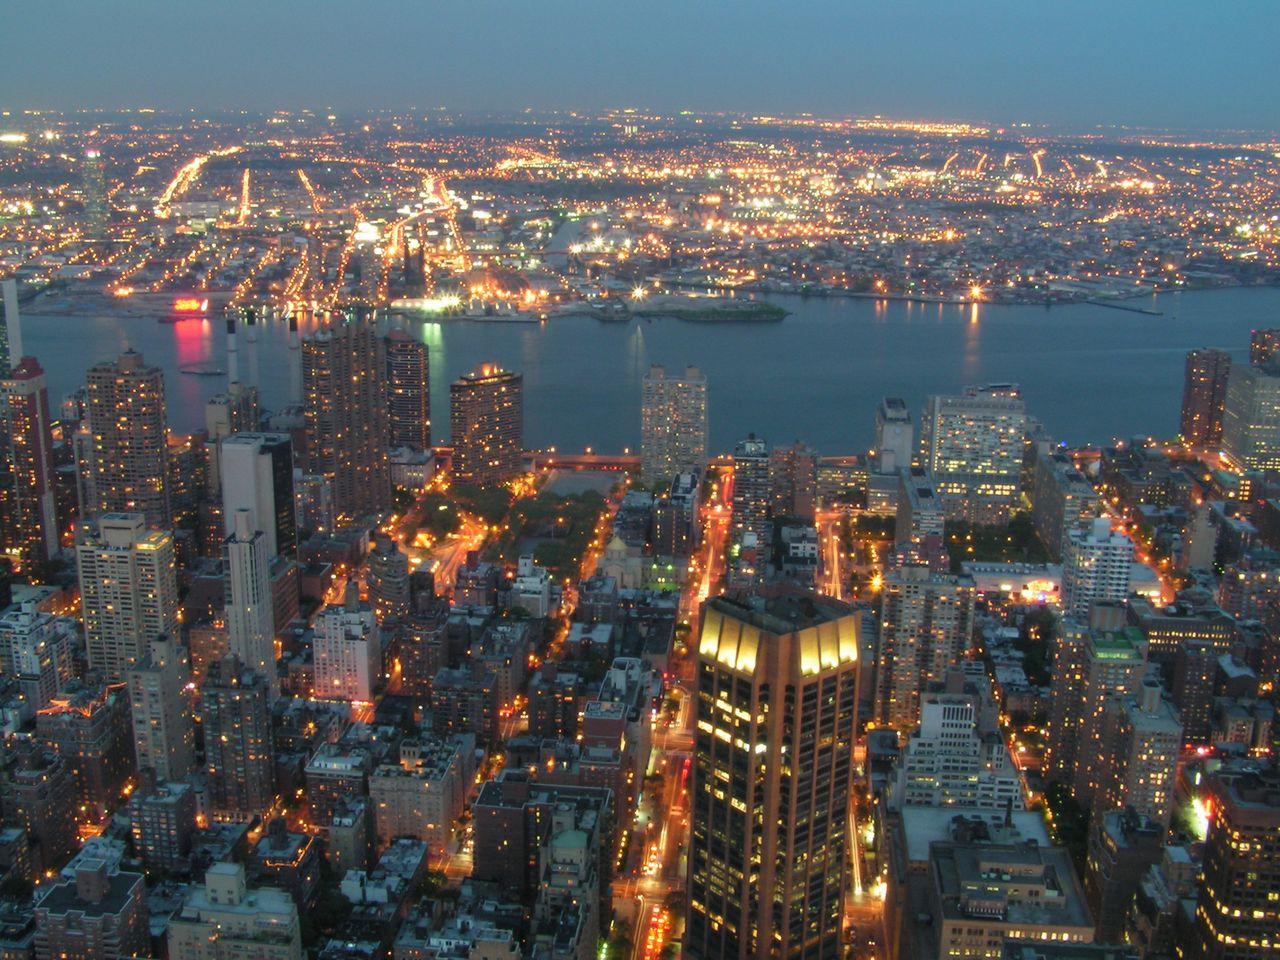 http://1.bp.blogspot.com/-lxGQzO2rN_g/TaI7bgt78TI/AAAAAAAAADY/FqF4MsrZ4AI/s1600/new_york_2.jpg